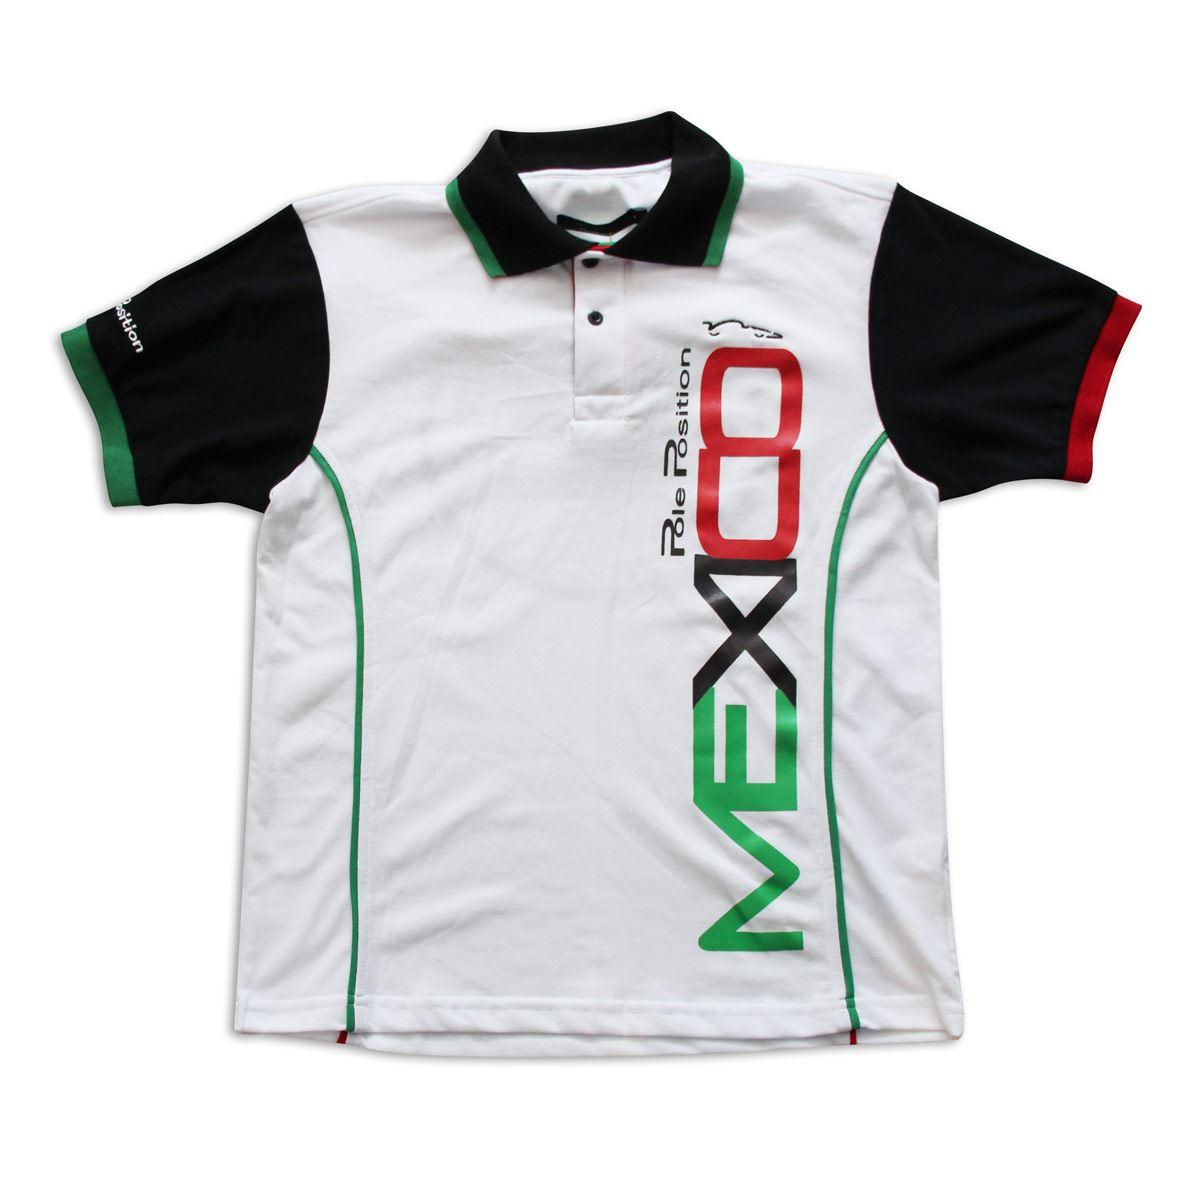 Playera Polo Pole Position México blanca mediana